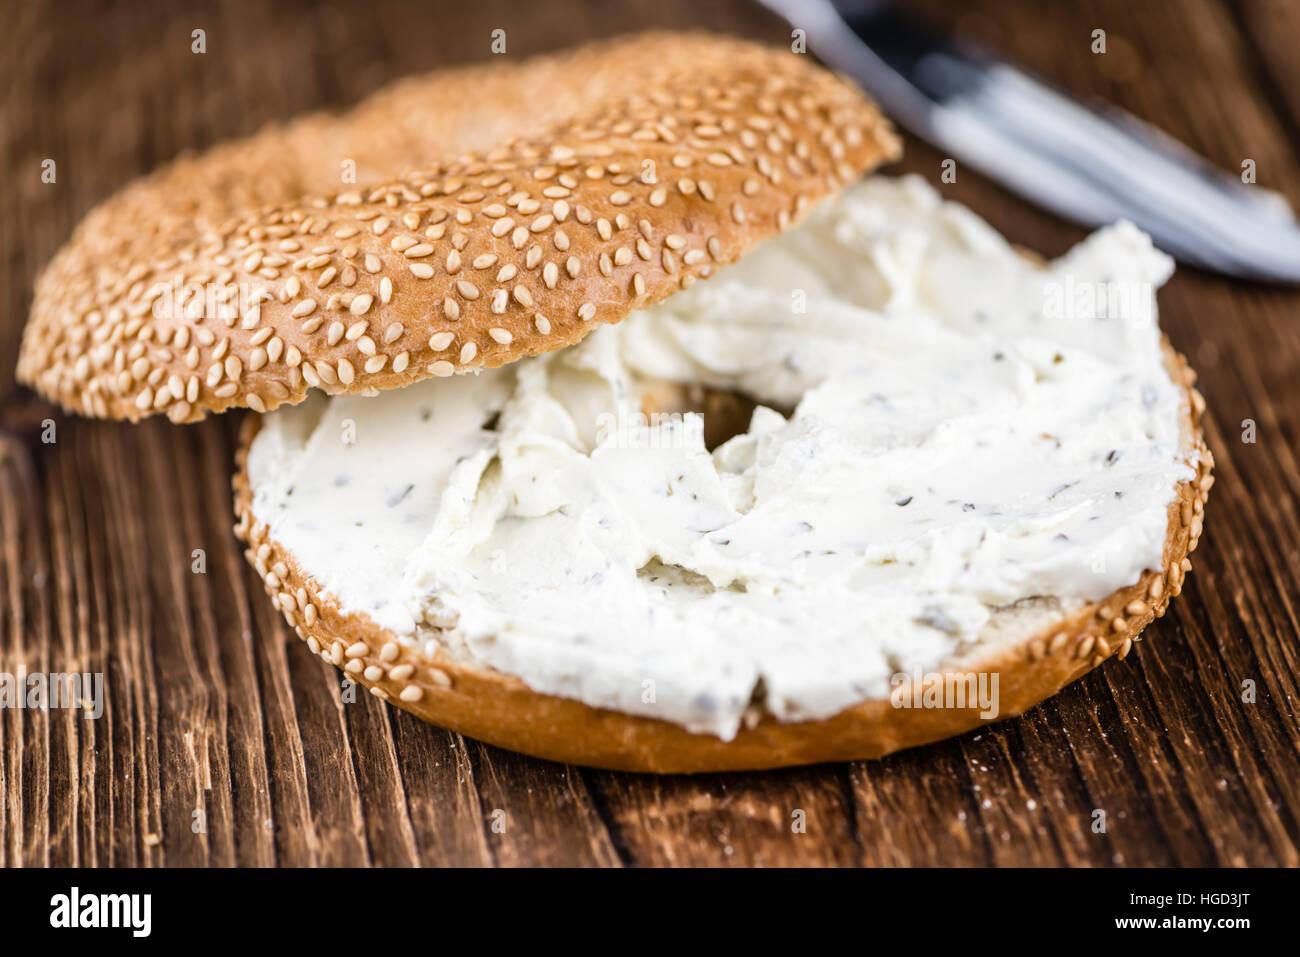 Desayuno sesame Bagel con queso crema (enfoque selectivo; primerísimos) Imagen De Stock